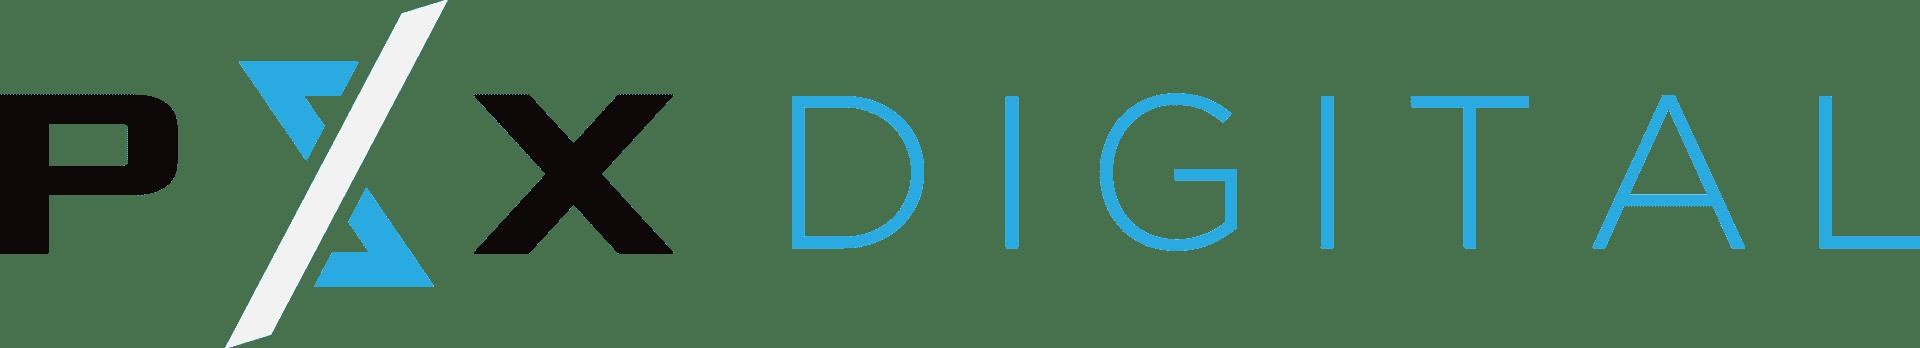 PSX DIGITAL_standard